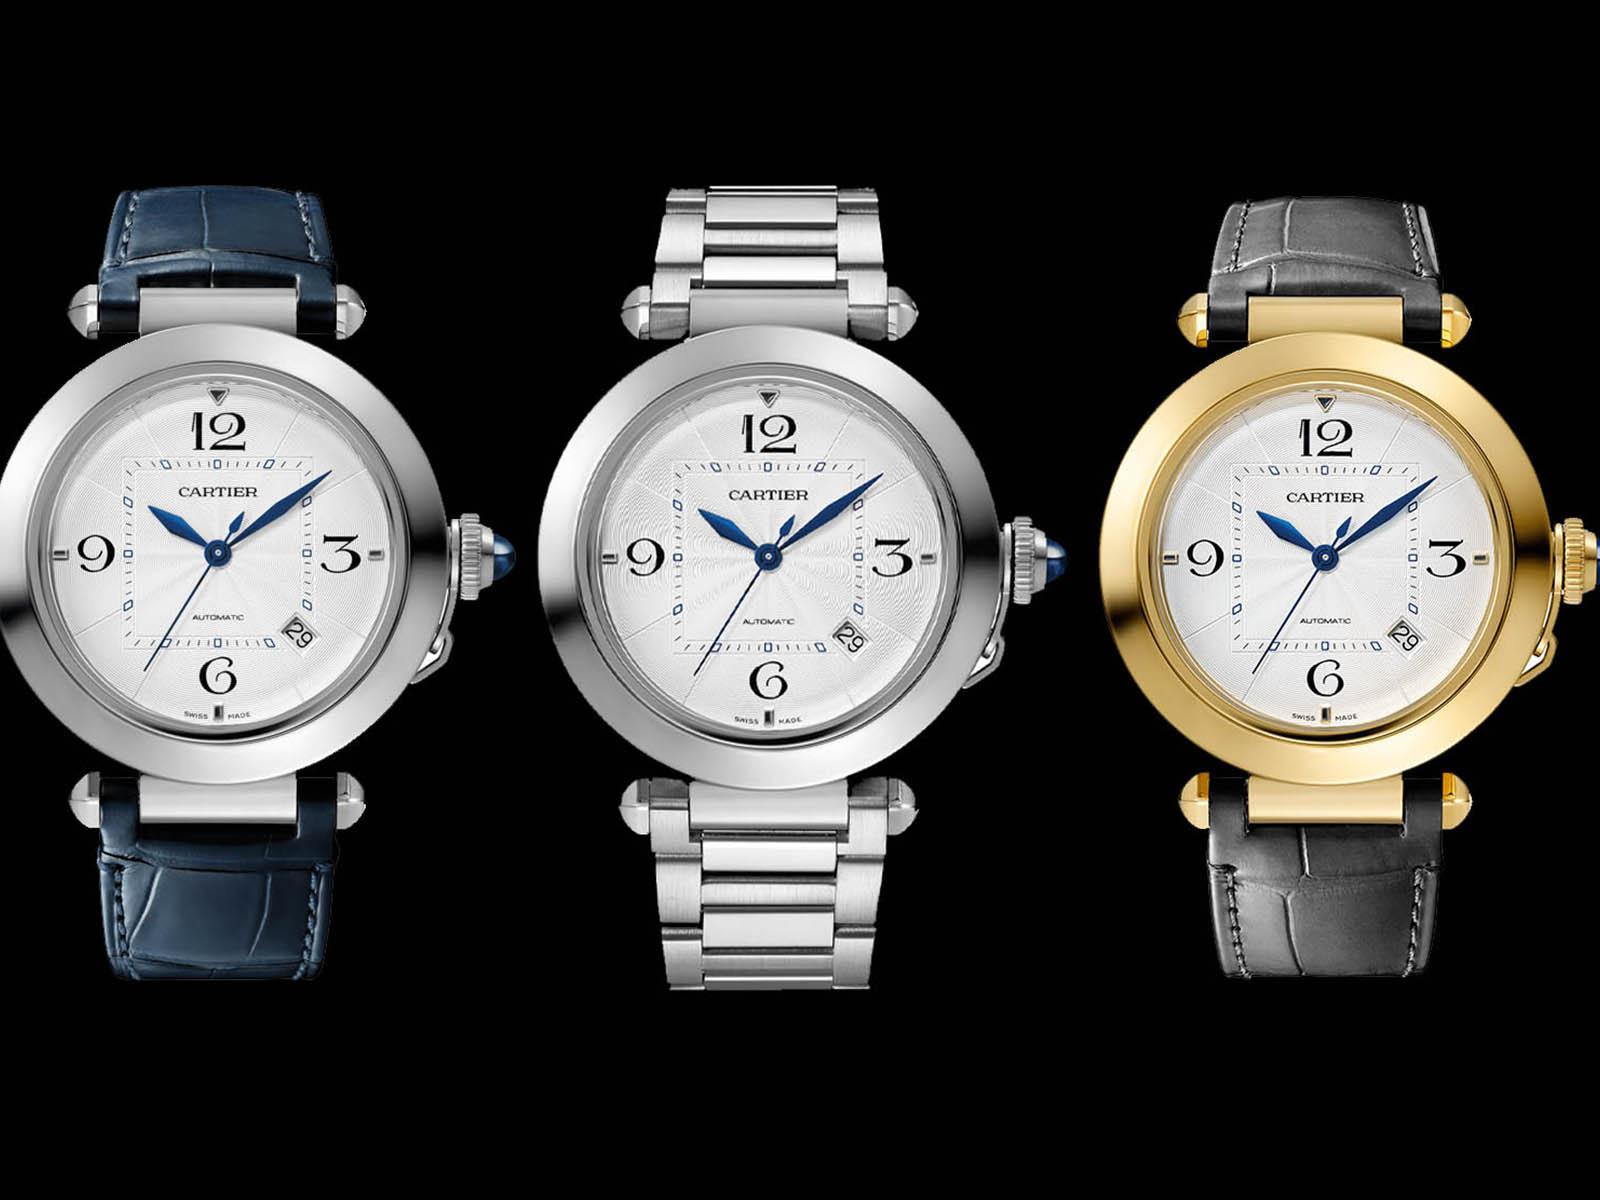 pasha-de-cartier-watches-wonders-2020-novelties-4.jpg